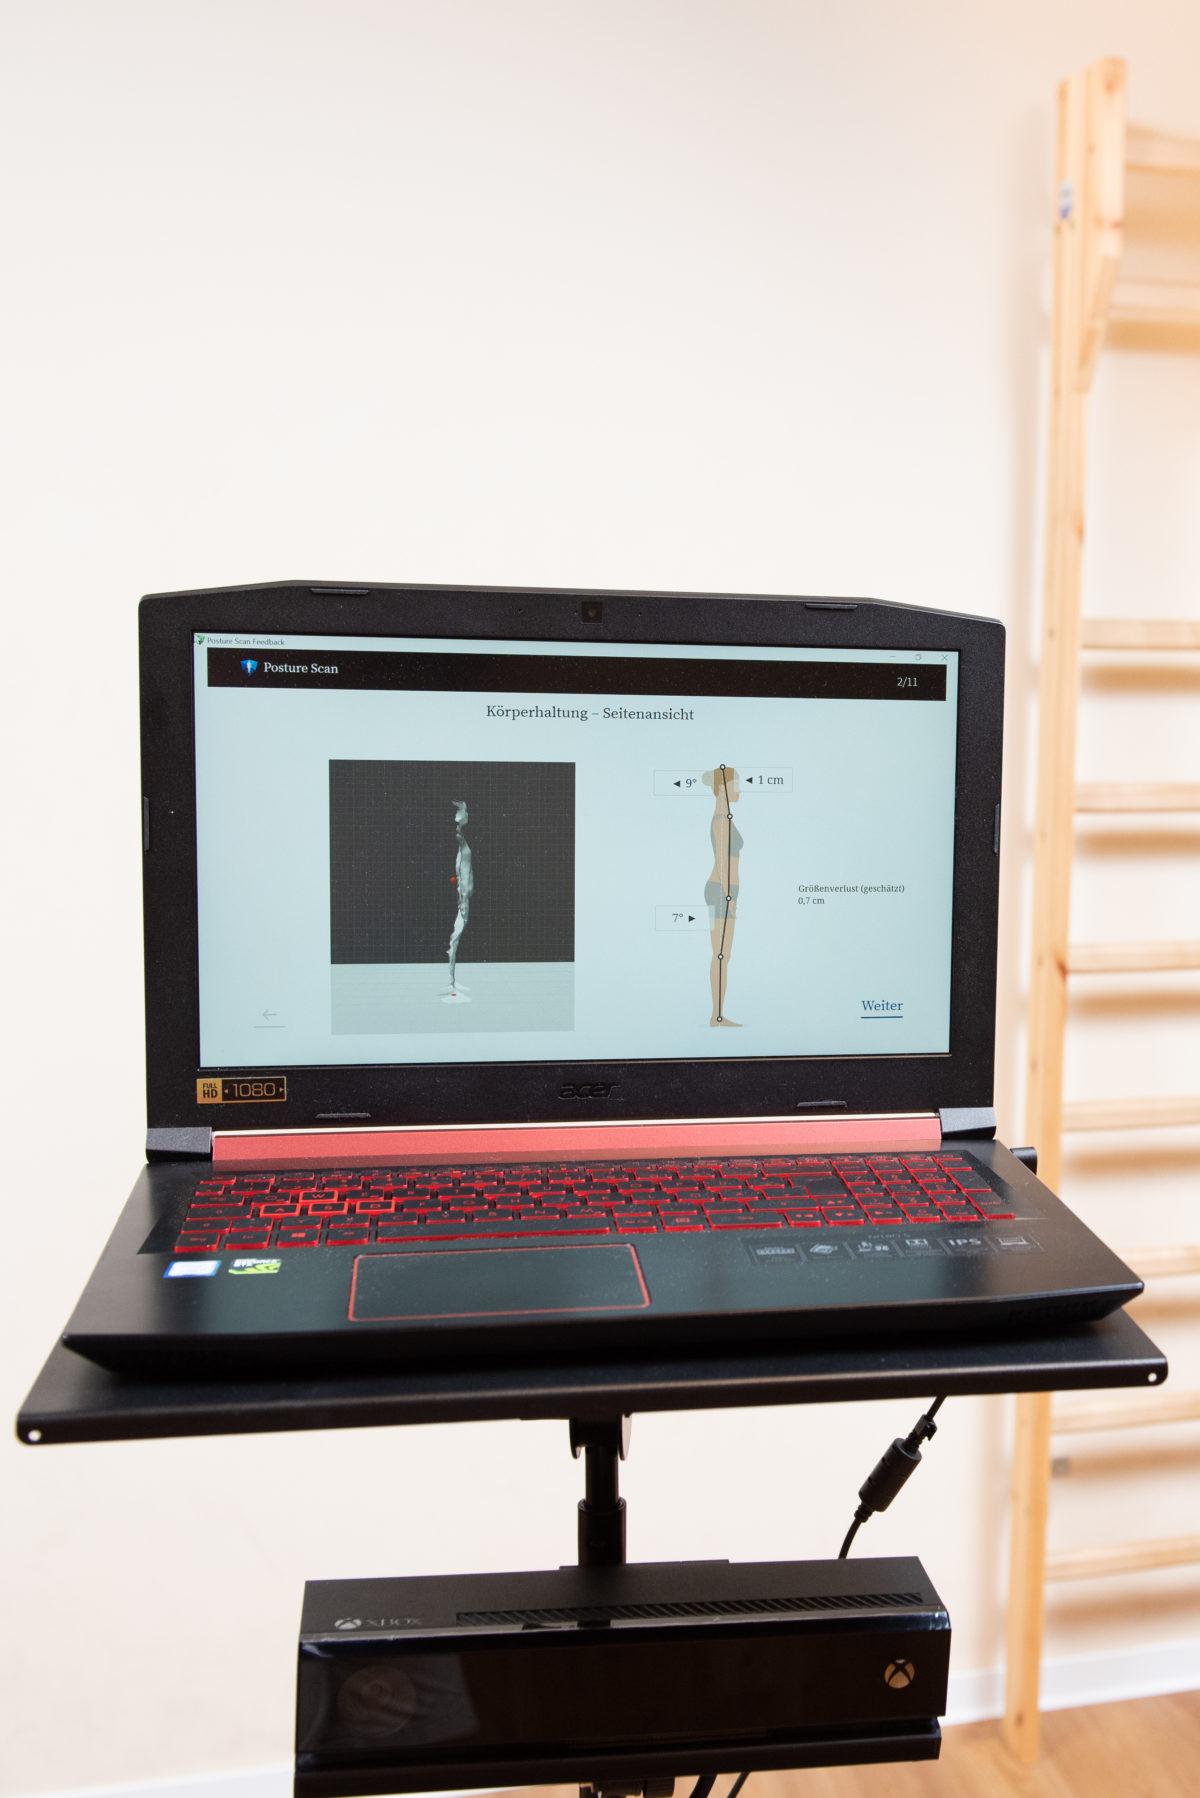 3D Bewegungs- und Haltungsanalyse